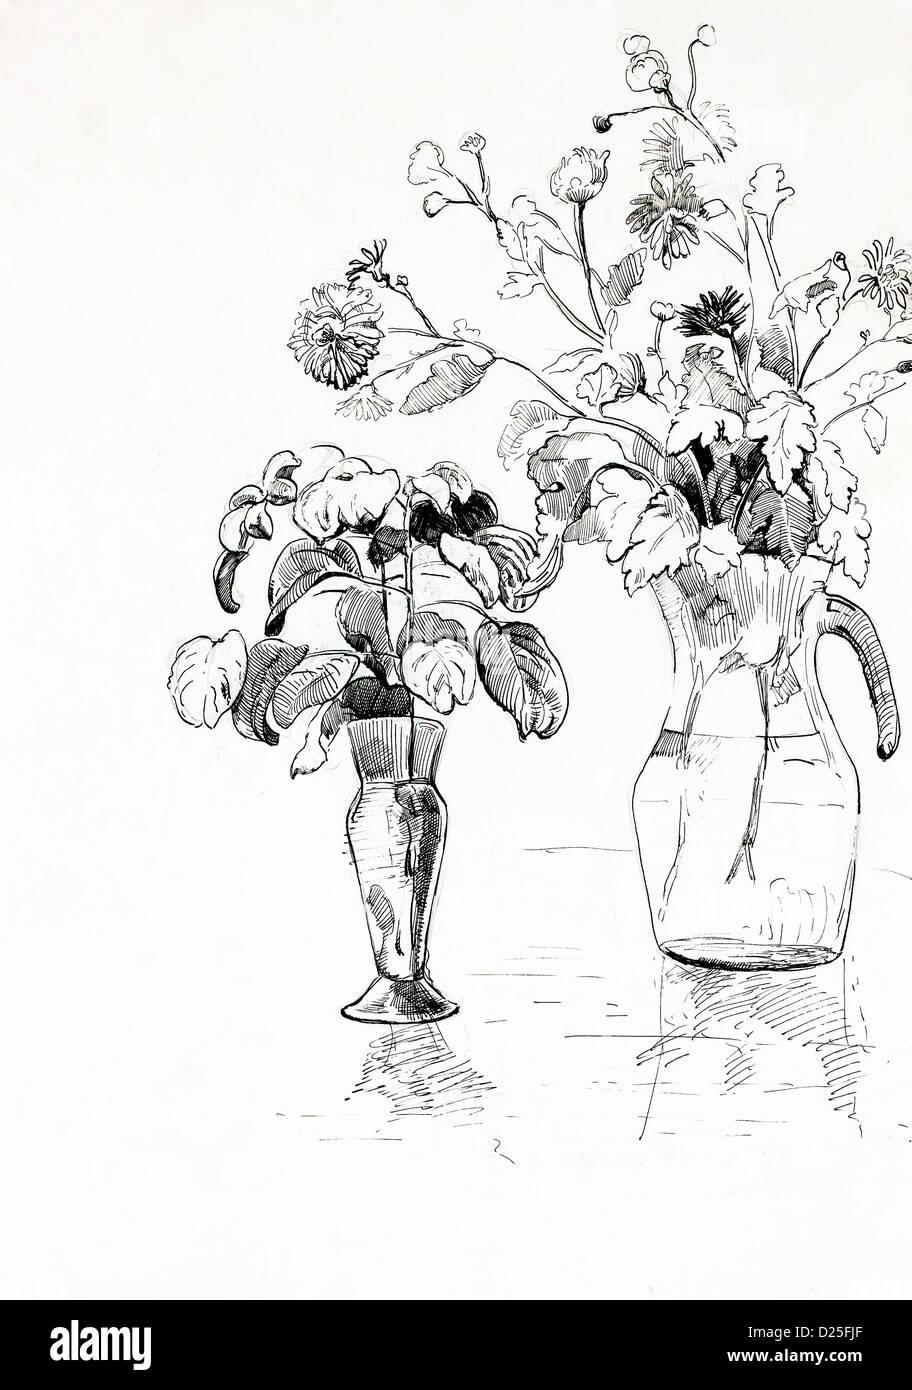 Original Bleistift Oder Zeichnung Kohle Und Handgezeichneten Malen